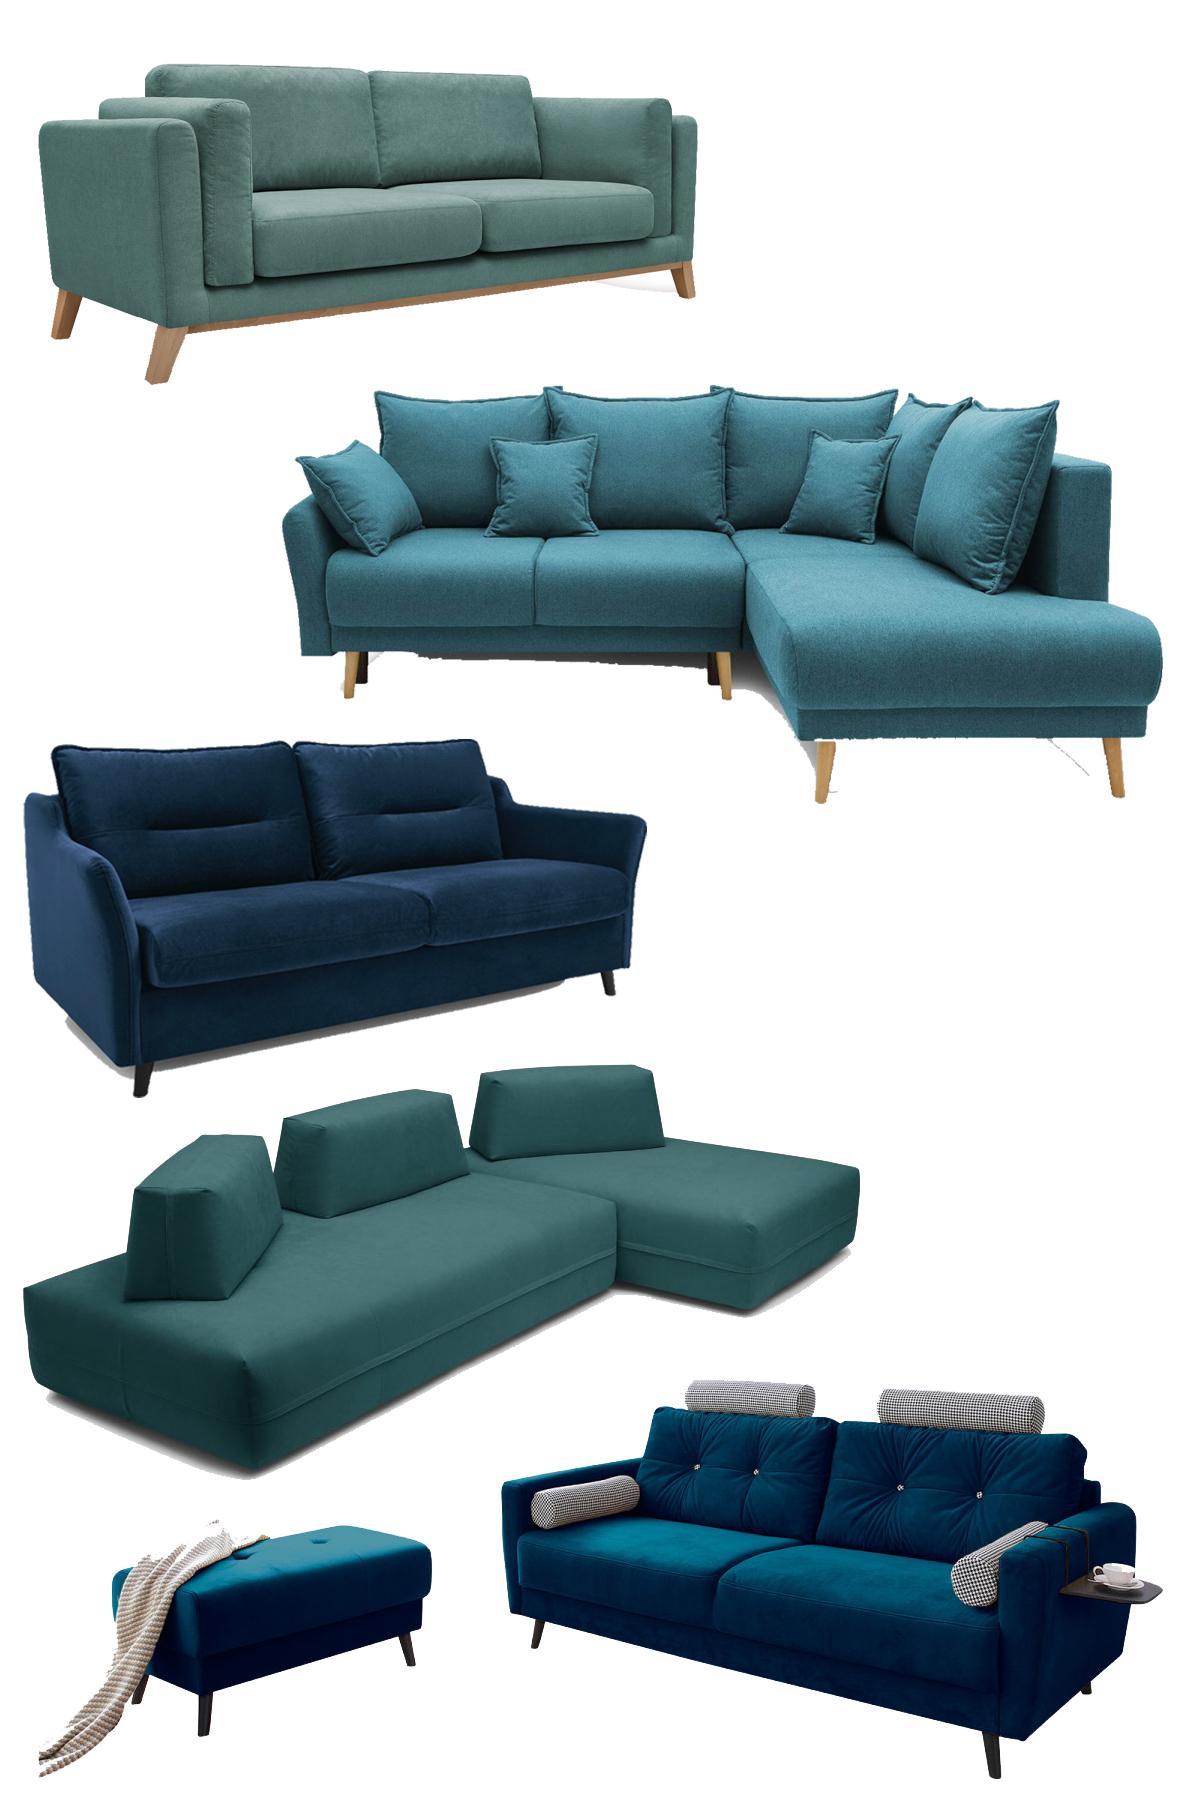 comment choisir couleur assise salon Bobochic bleus design